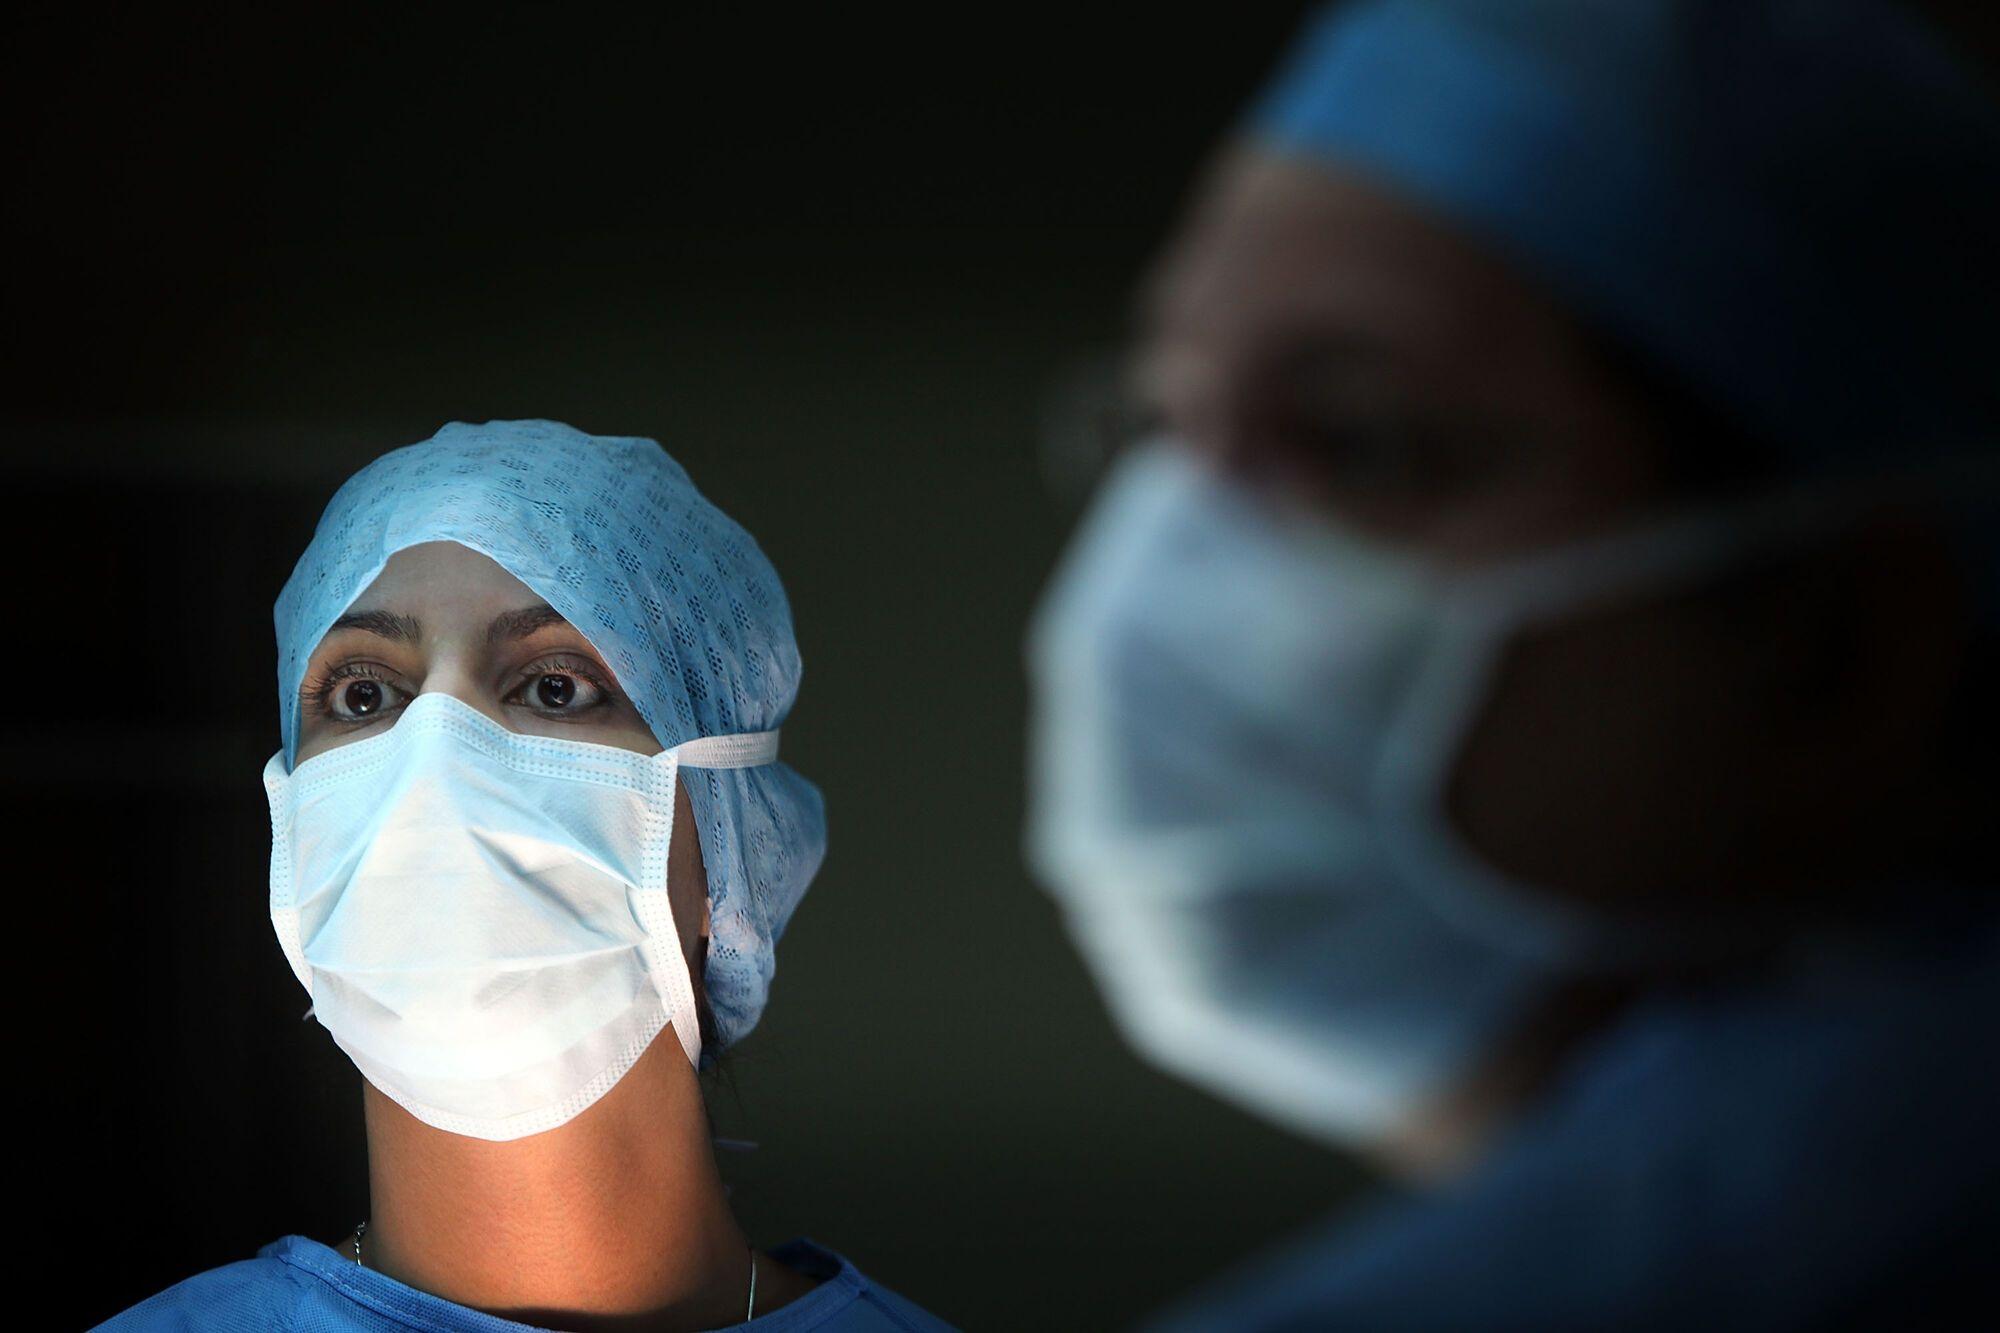 Куда девается сознание человека после смерти: исследование